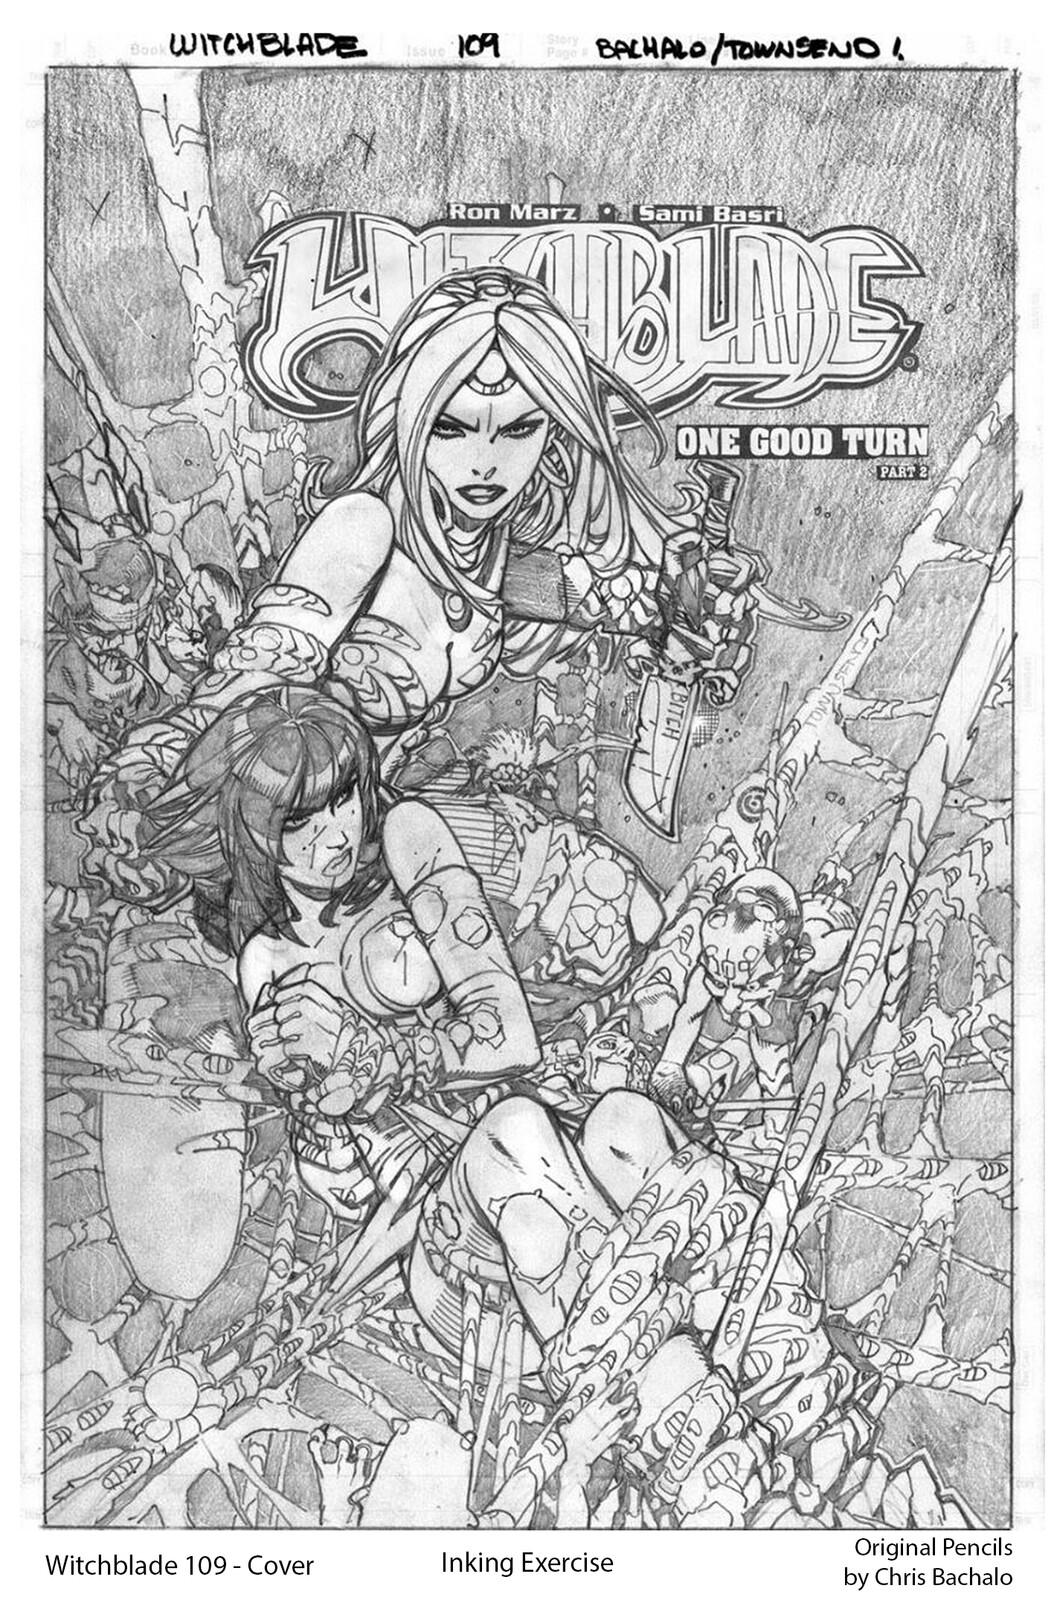 Witchblade #109 - Cover Original pencils by Chris Bachalo